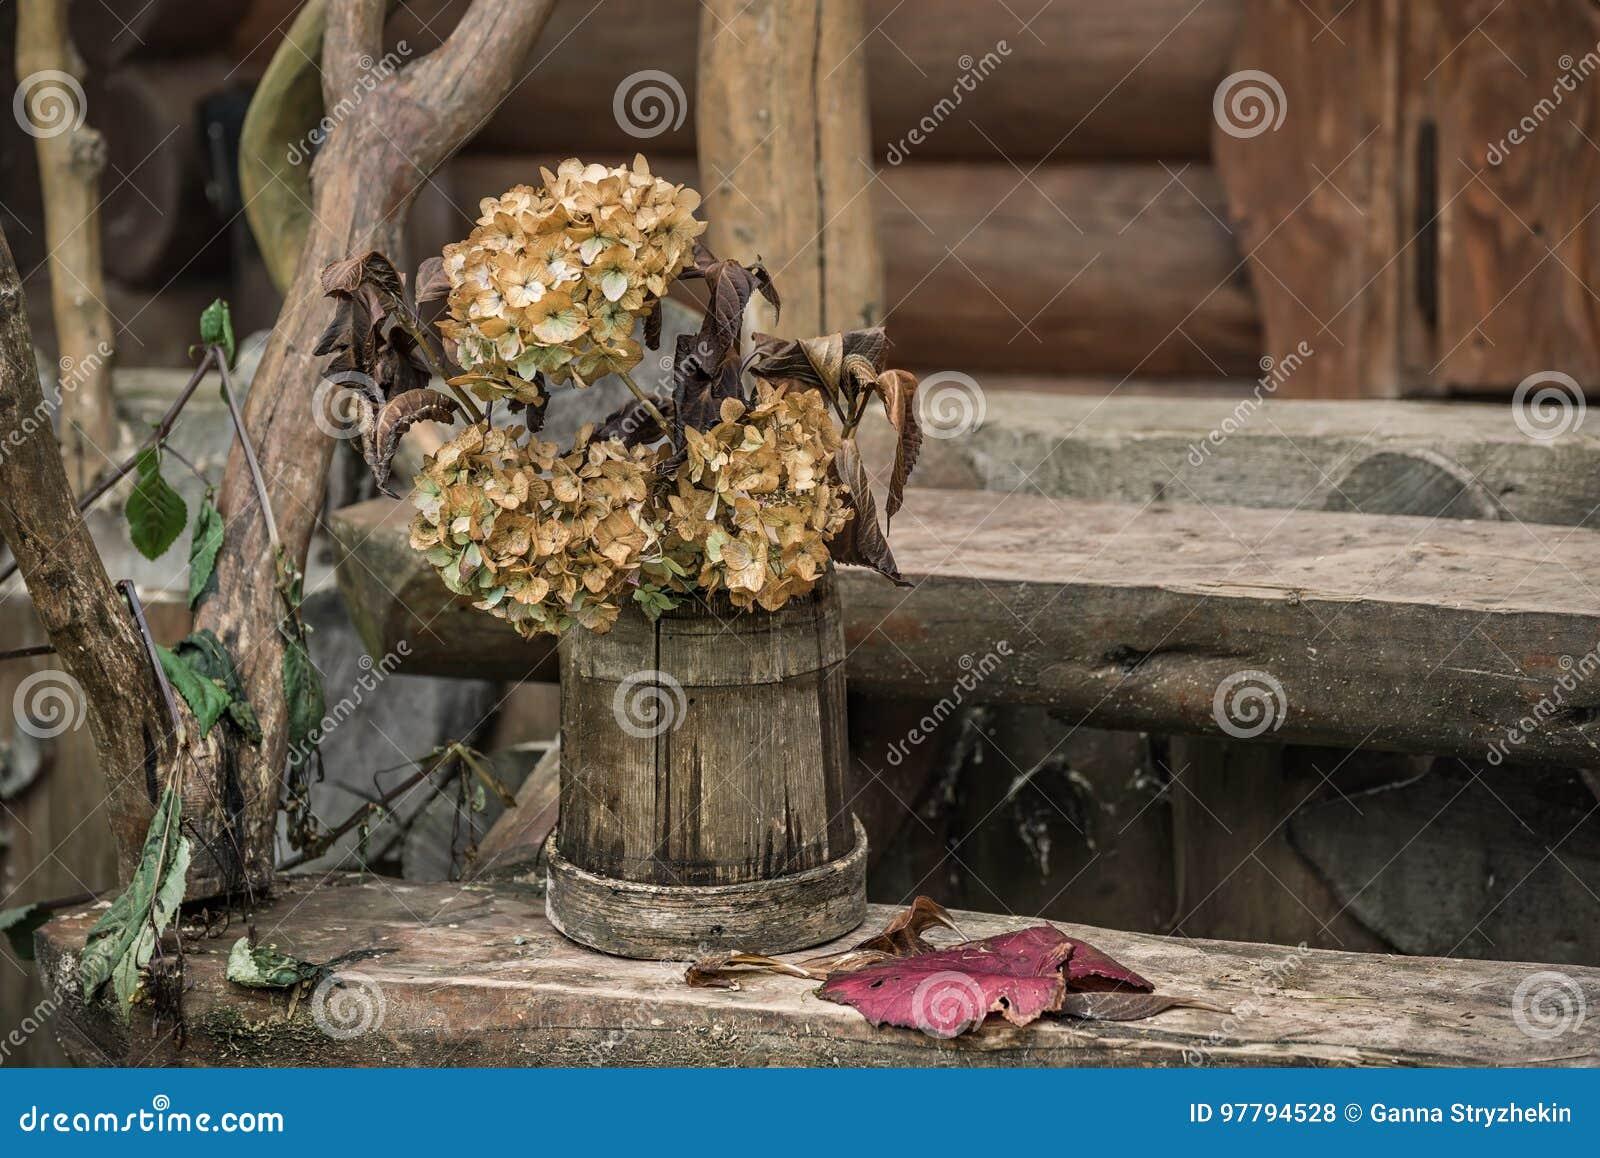 Fiori Di Ortensia Secchi i fiori secchi delle ortensie in un secchio di legno ruvido